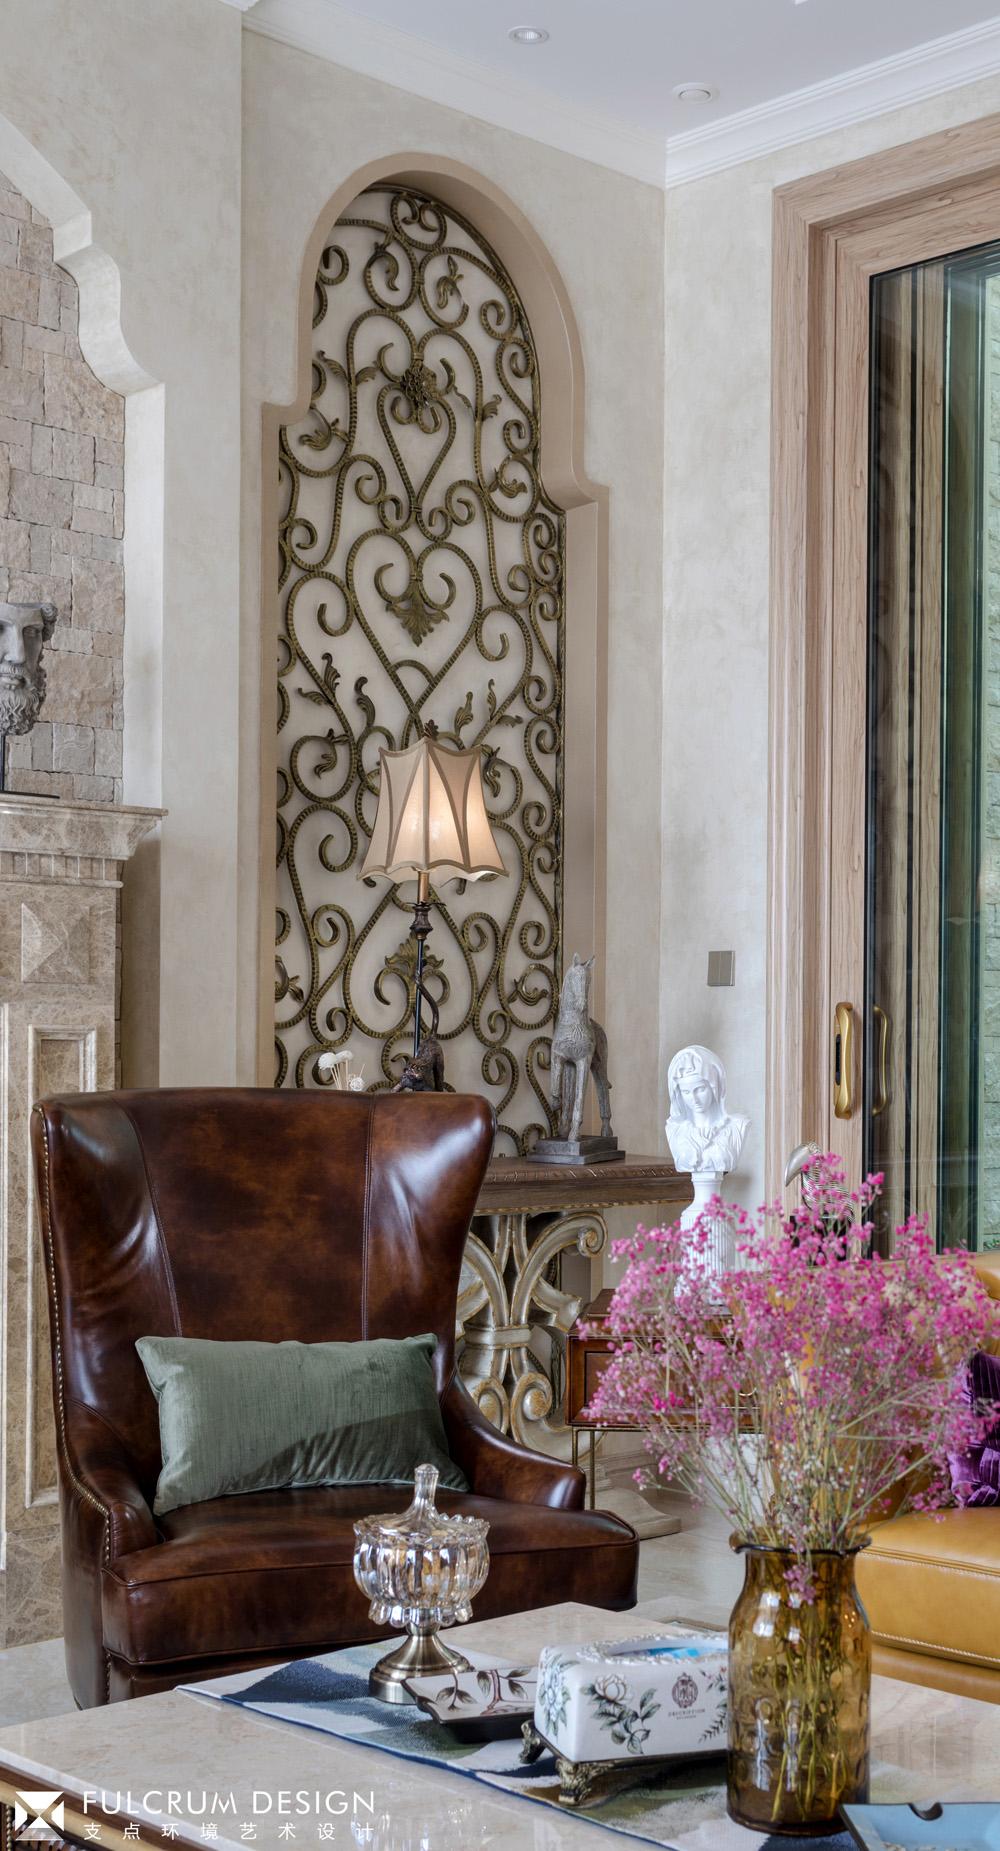 美式风格别墅装修皮质沙发设计